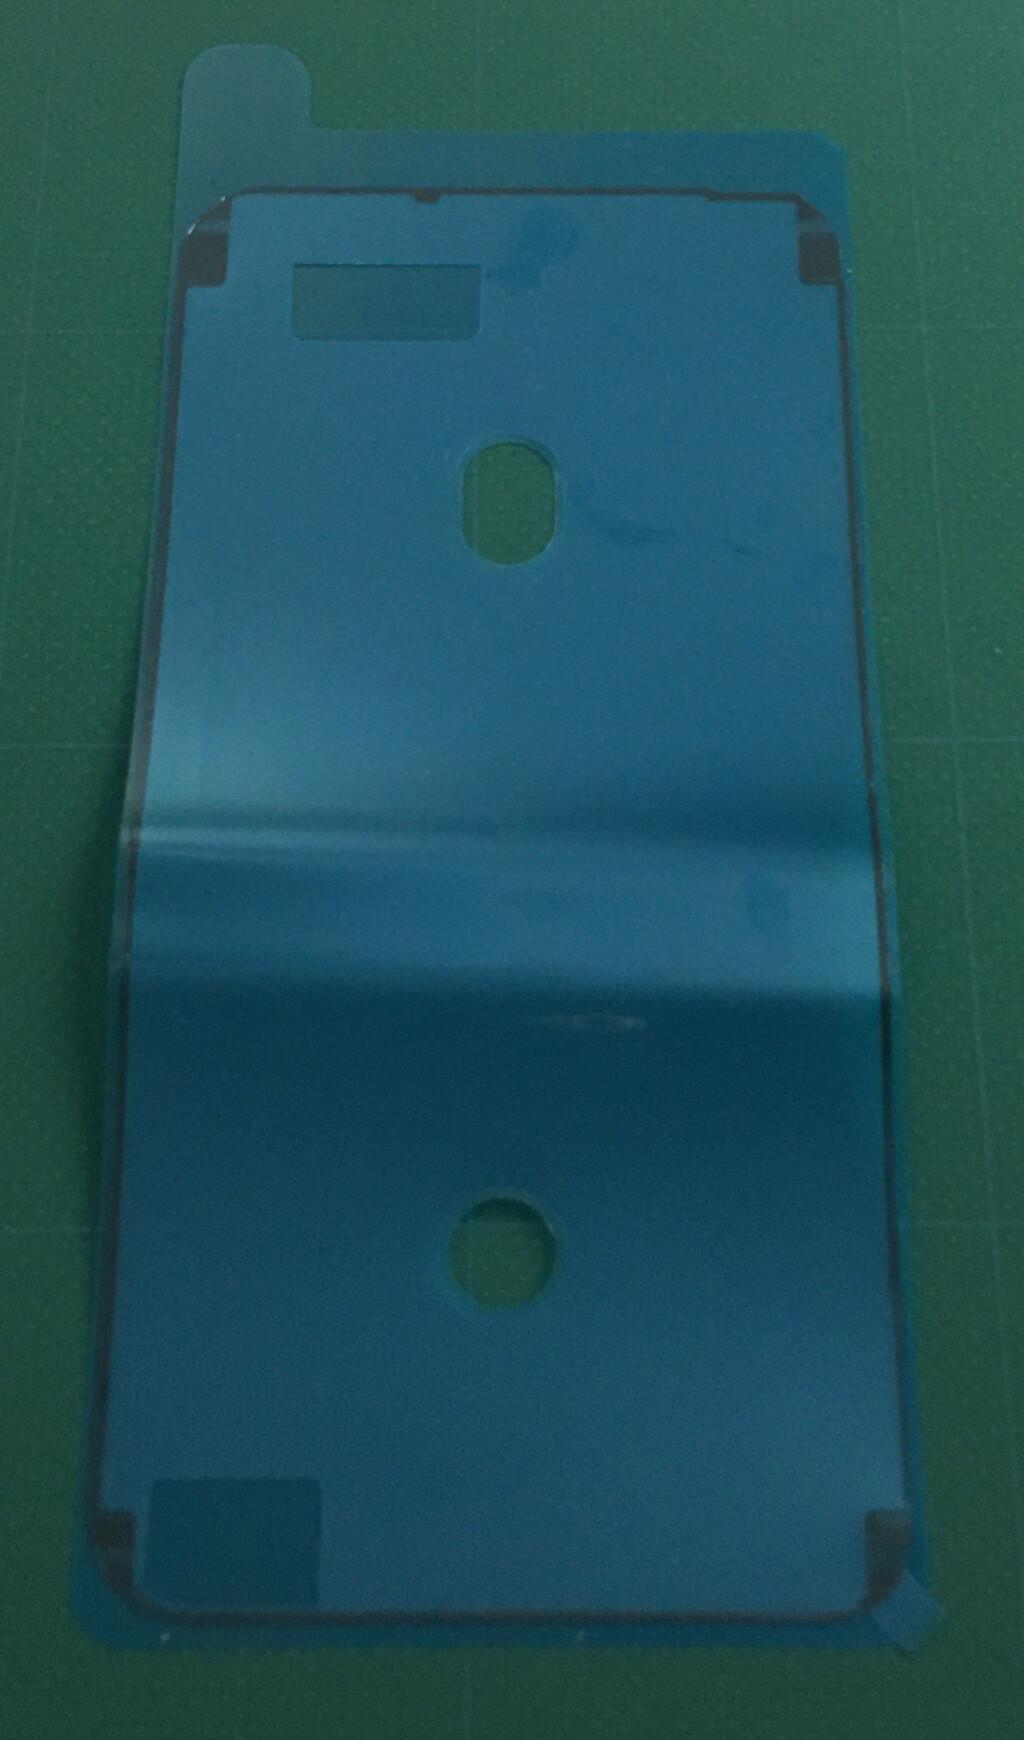 本体と液晶画面とを接着する際に使う軟質ガスケット(シール材)